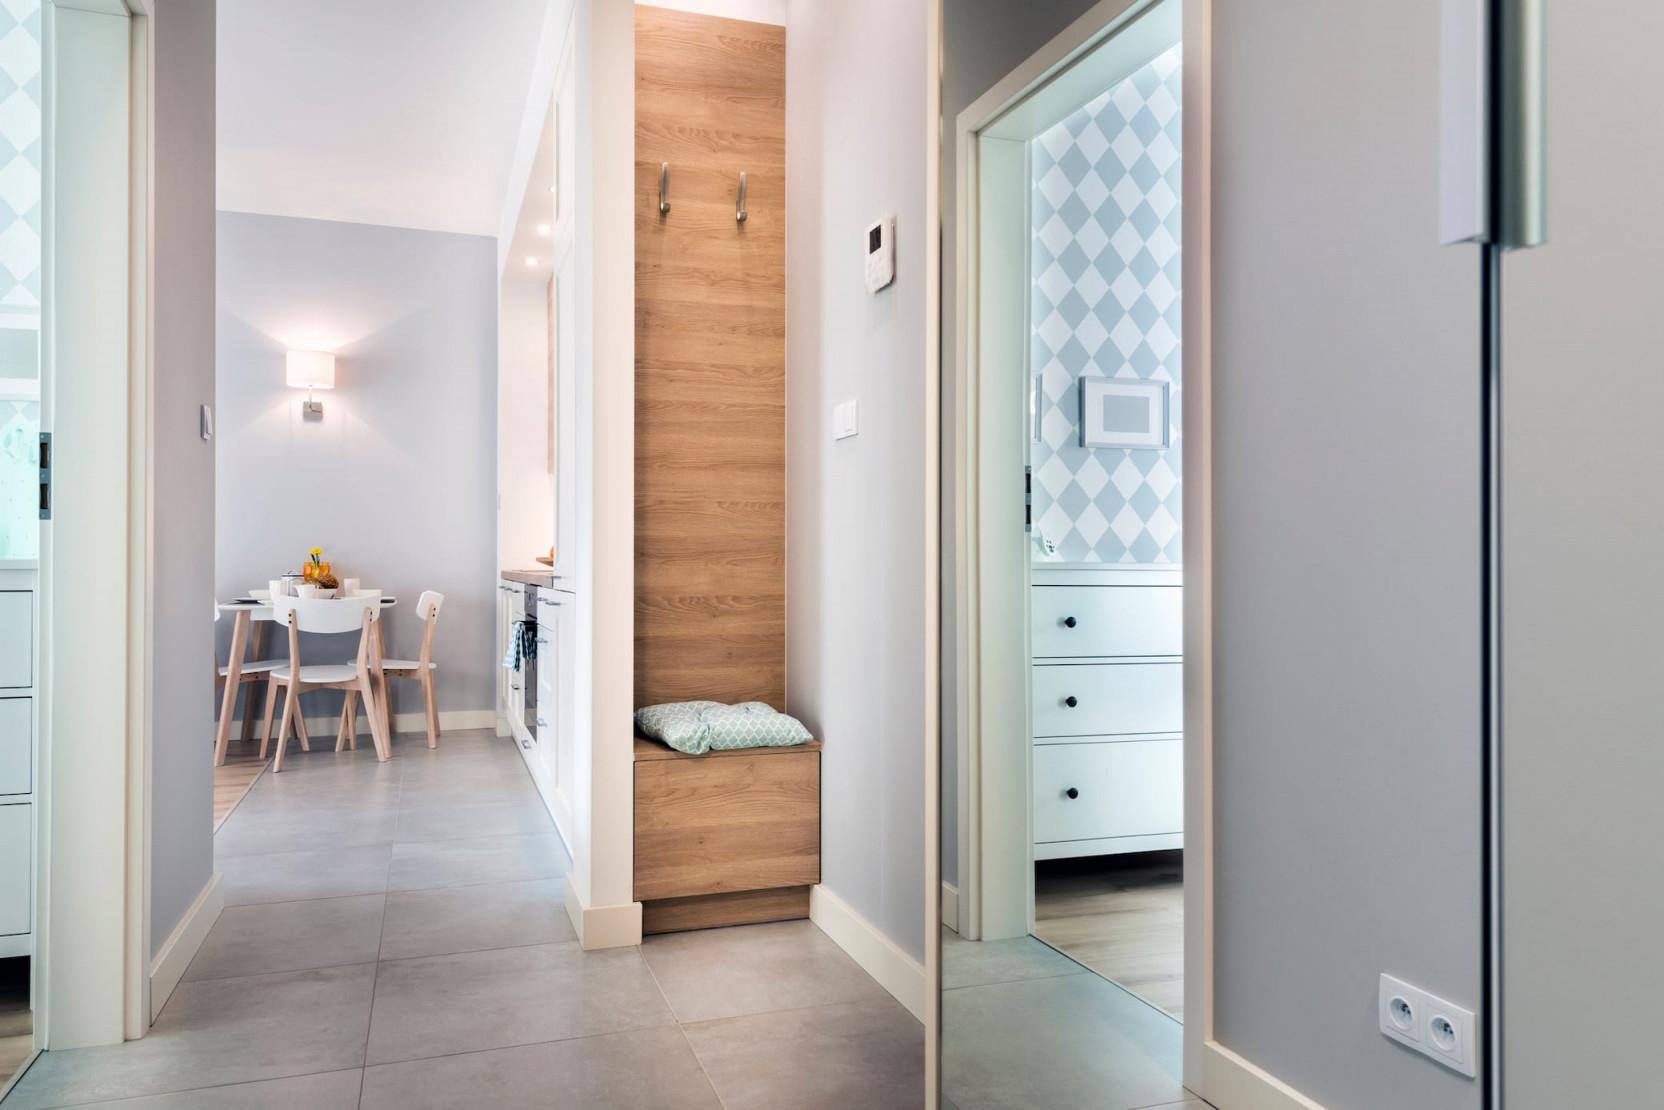 Tipps Wie Man Tote Ecken Zu Hause Nutzt Und Dekoriert von Wohnzimmer Ecken Gestalten Bild